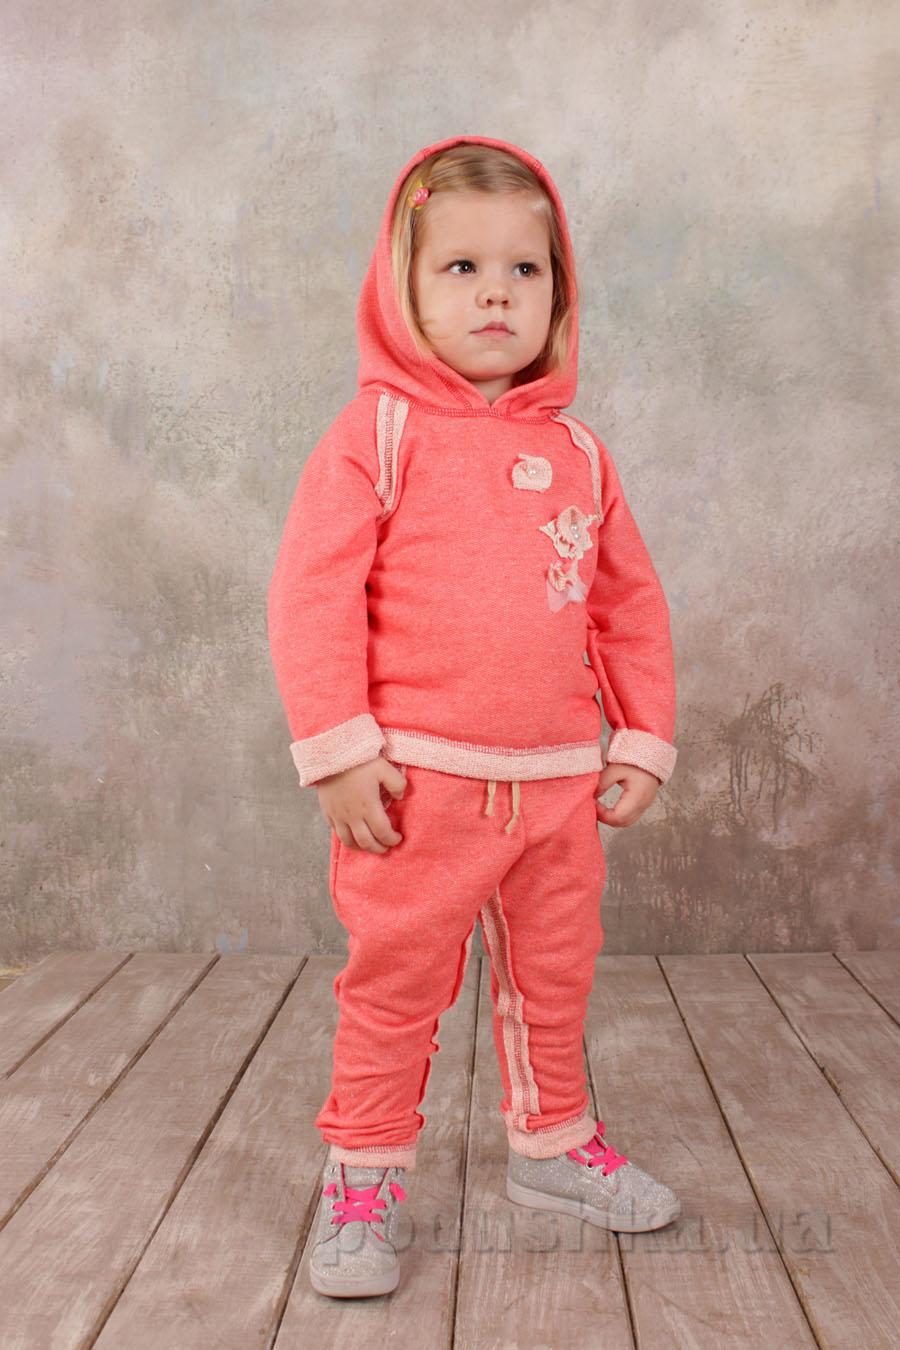 Гламурный спортивный костюм для девочки Модный карапуз 03-00562 Коралл